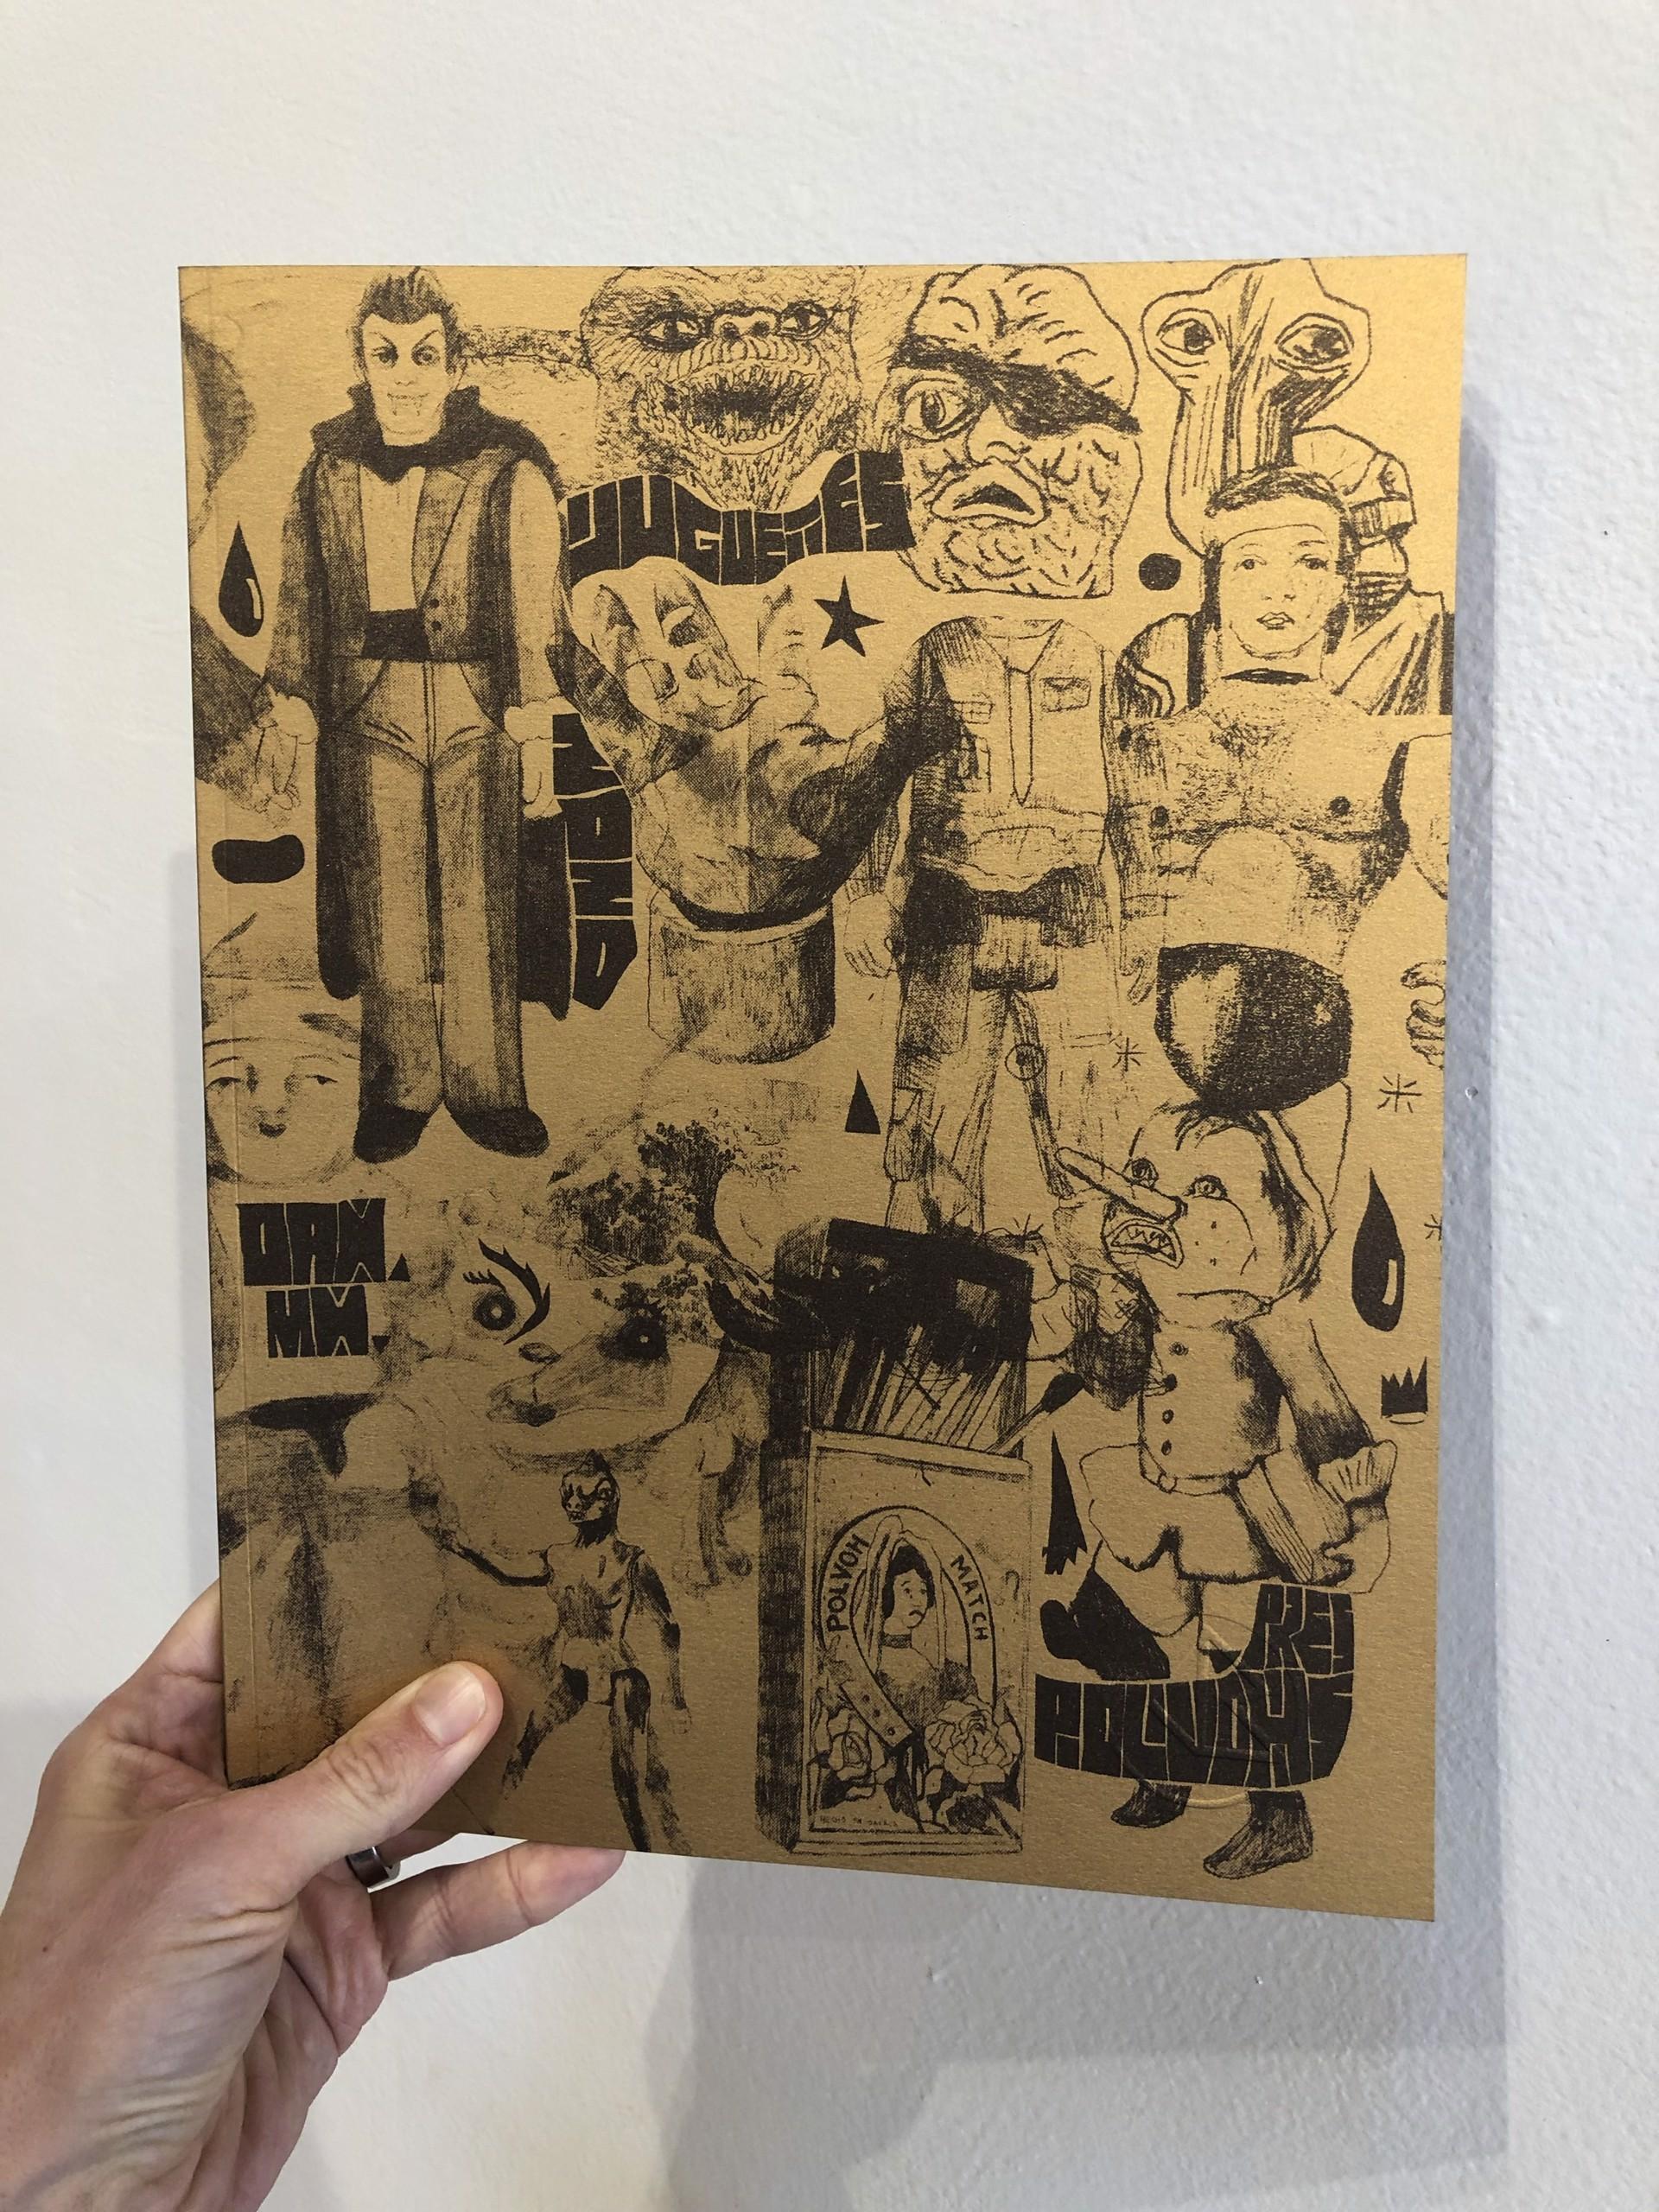 Libro Jugetes Dorado by Polvoh Press